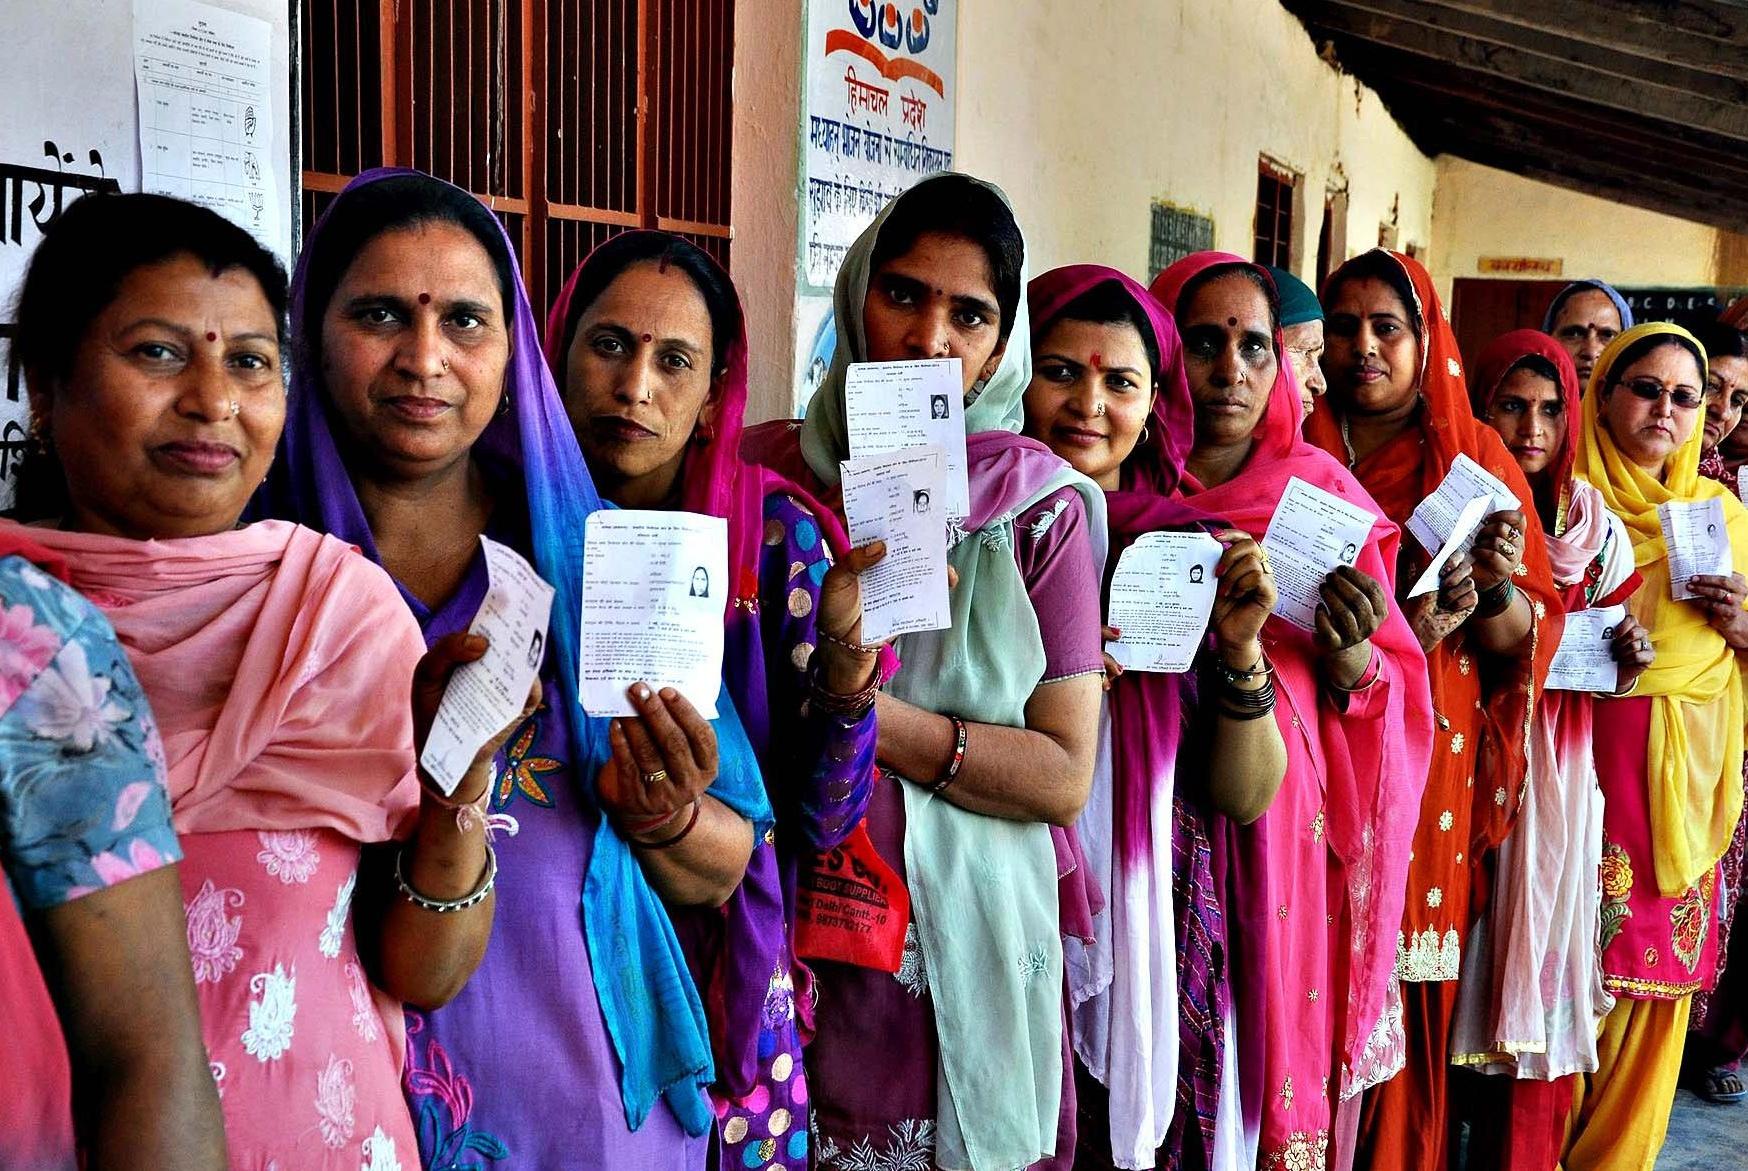 印度大选开启,拉胡尔承诺给穷人补贴1000美元,莫迪能否连任?